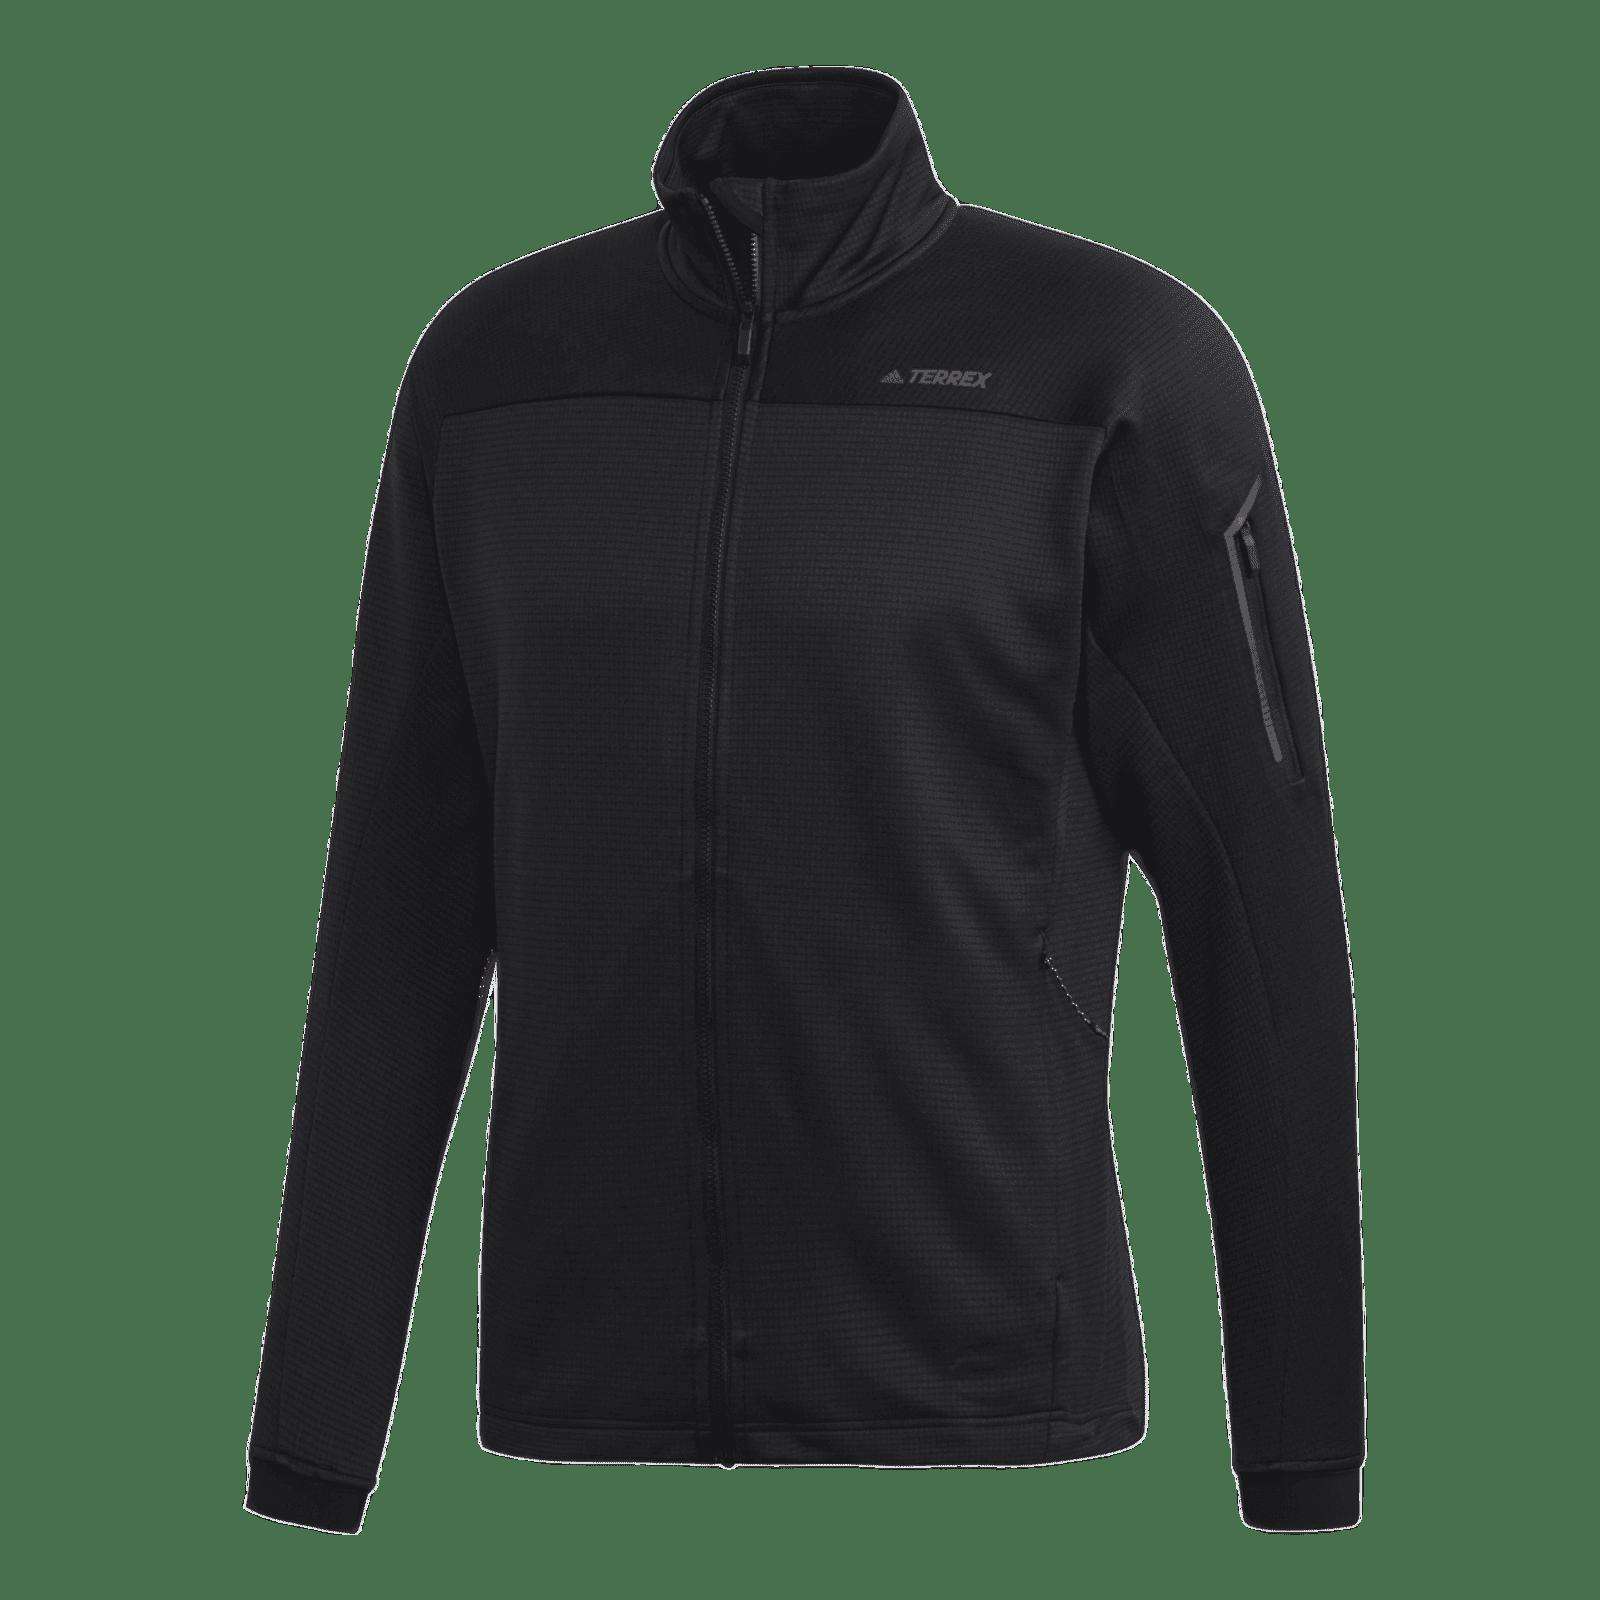 Terrex stockhorn fleece